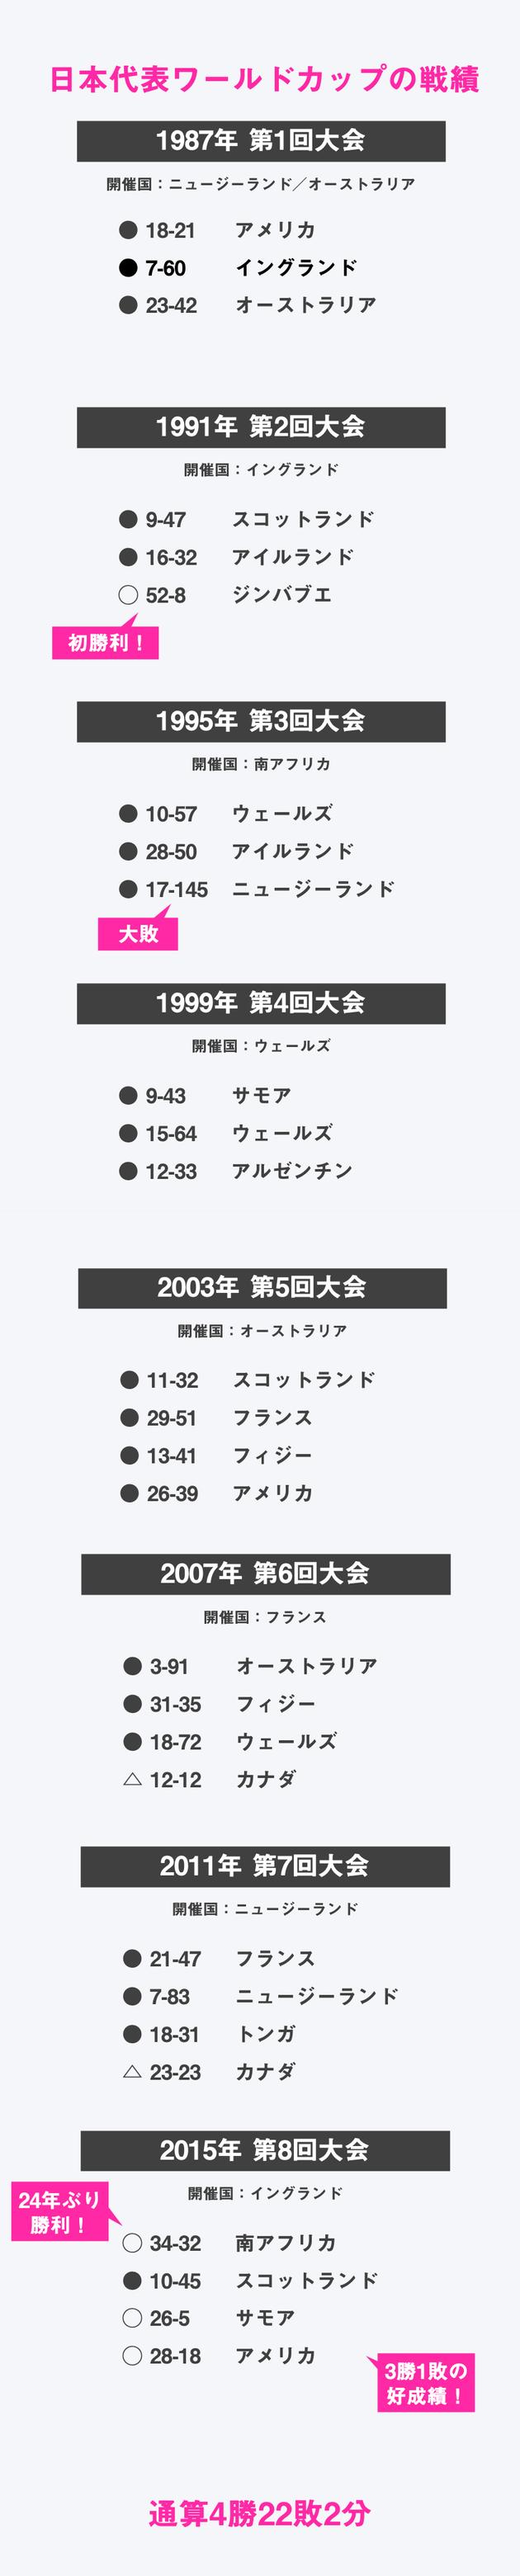 128点差の大敗から24年。ラグビー日本代表はいかに復活したのか